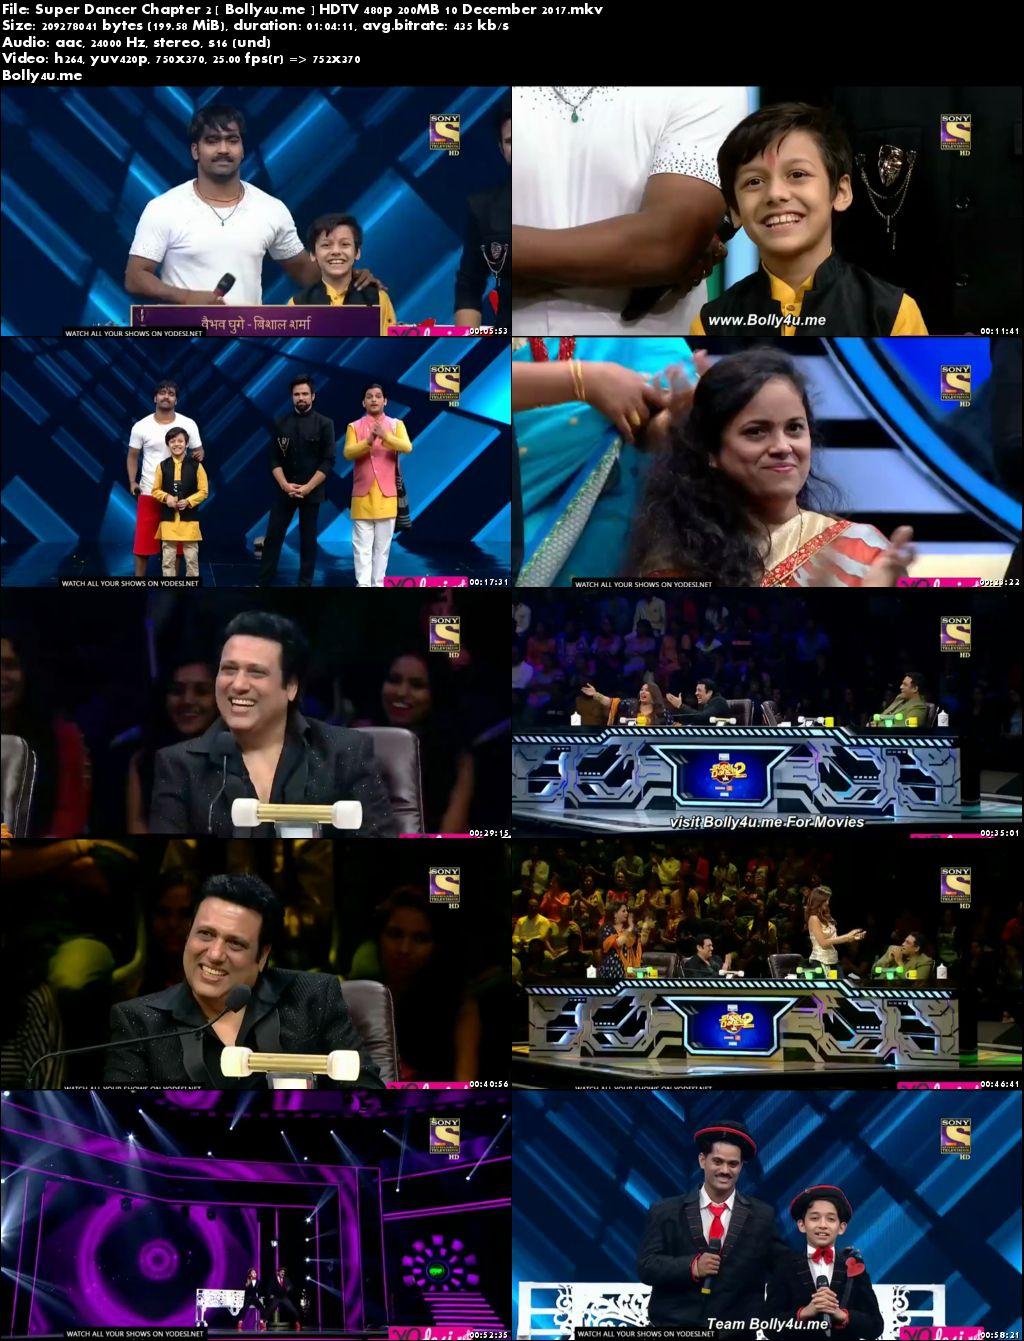 Super Dancer Chapter 2 HDTV 480p 200MB 10 December 2017 Download